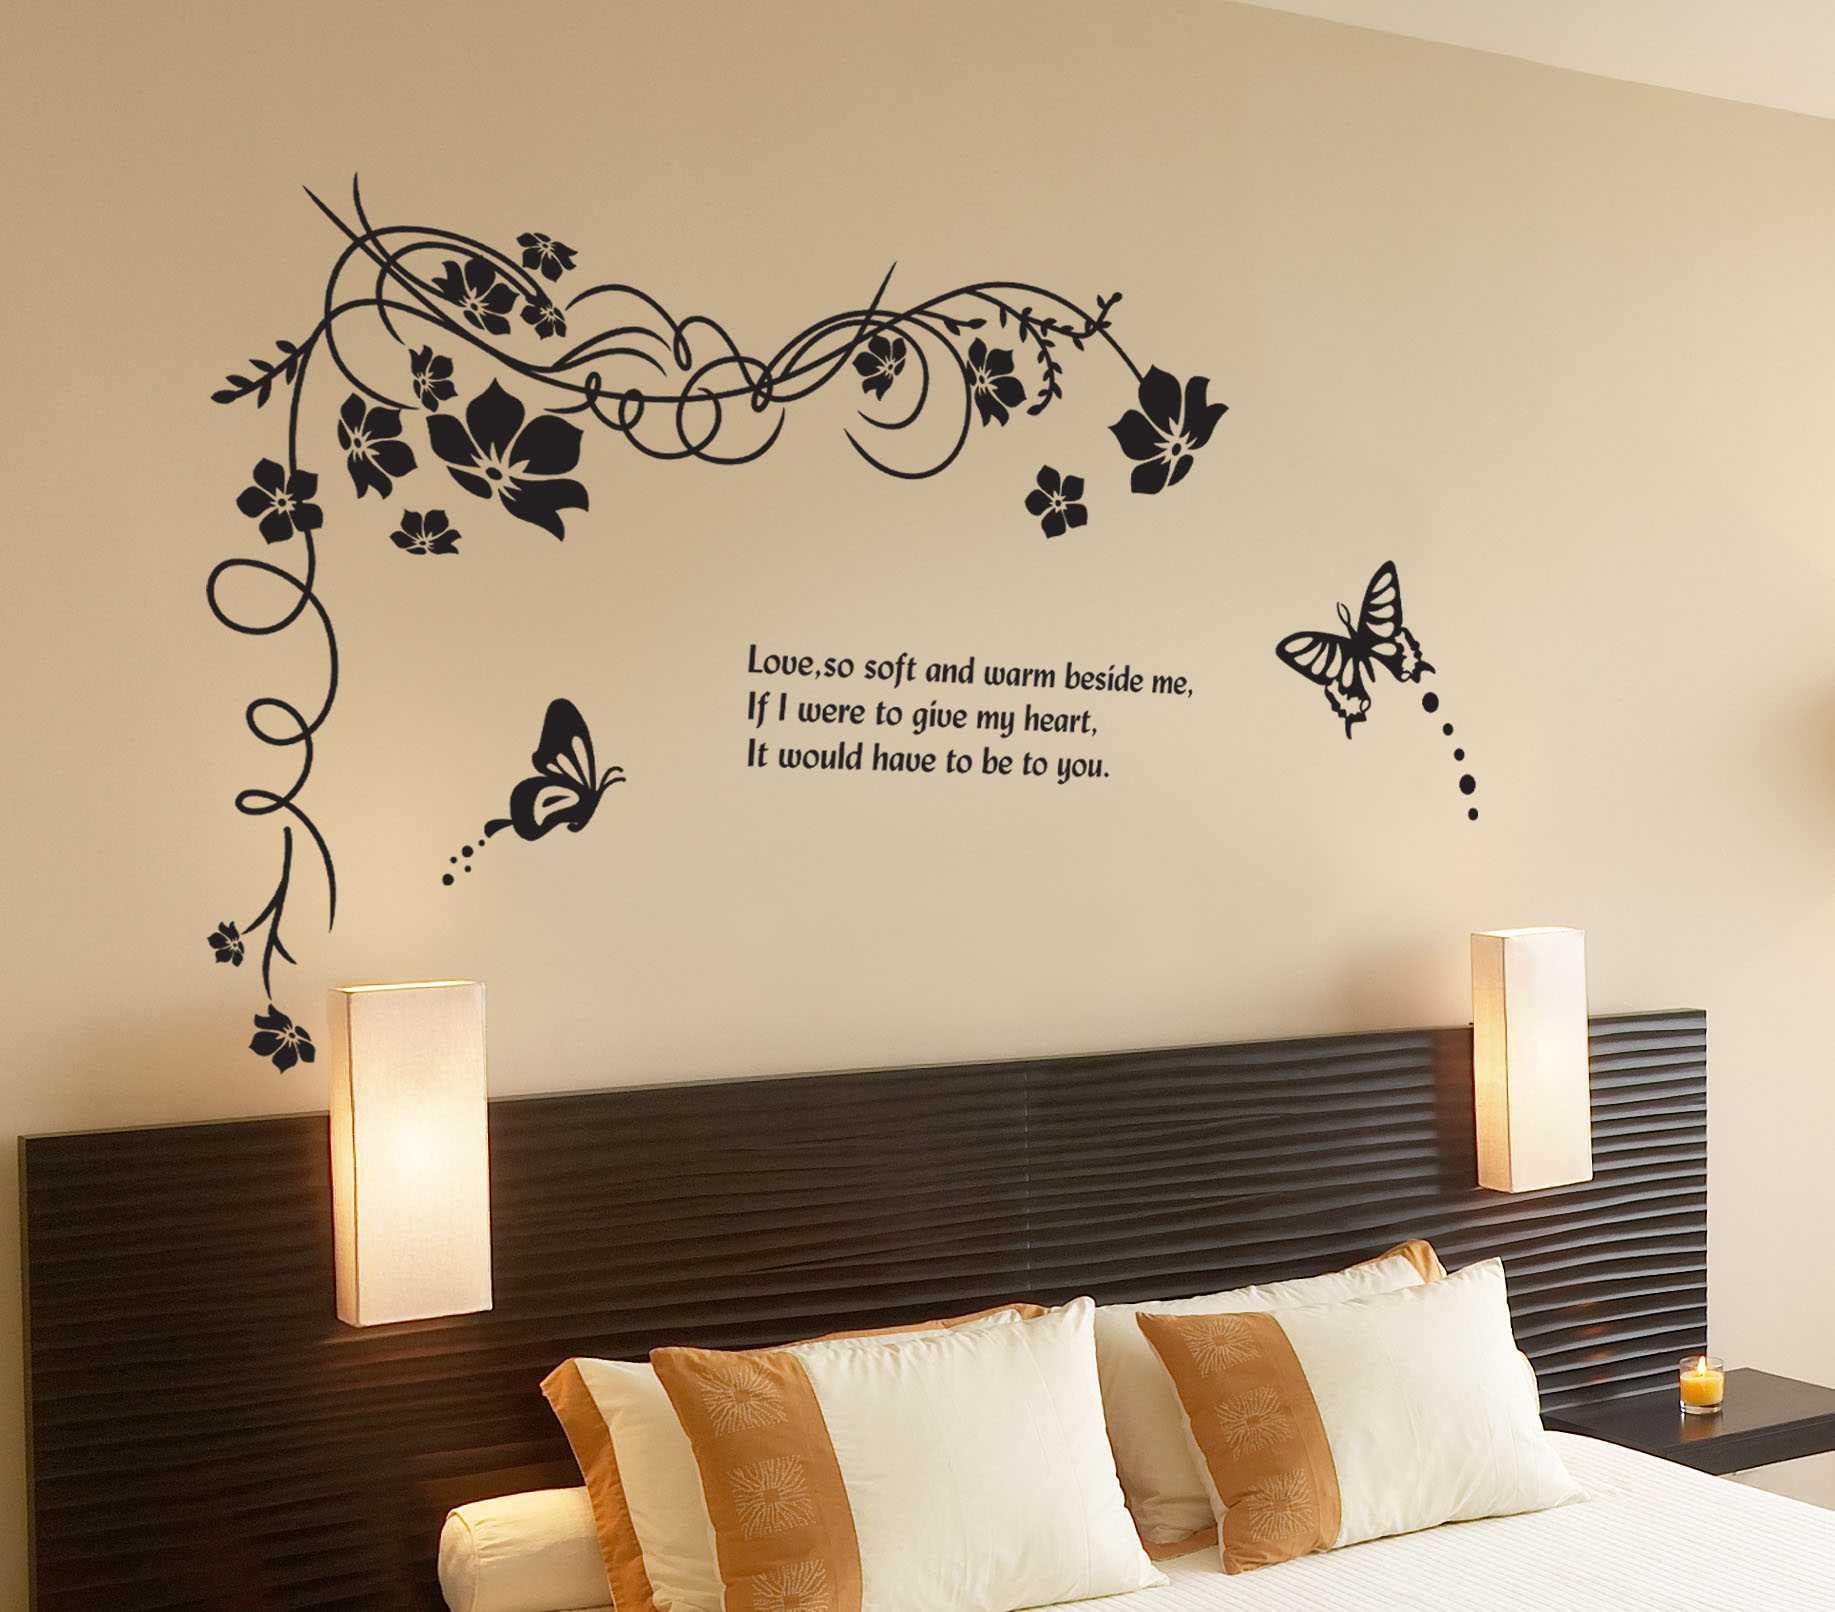 https://sc01.alicdn.com/kf/HTB1k49ILXXXXXXvaXXXq6xXFXXX6/Walplus-Wall-Stickers-art-Mural-Children-s.jpg